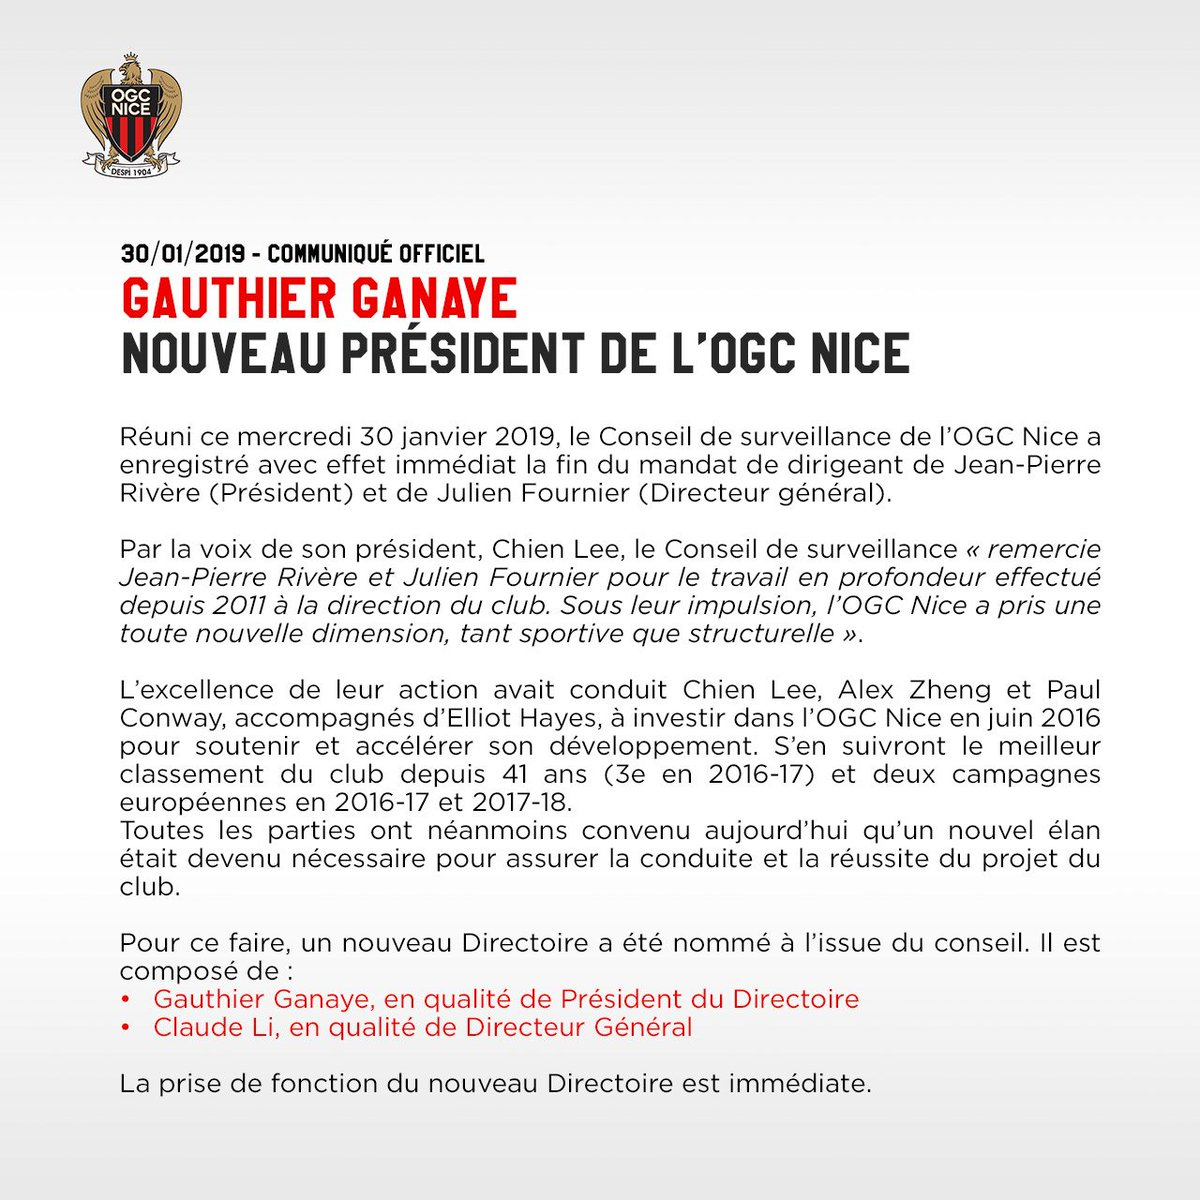 Gauthier Ganaye